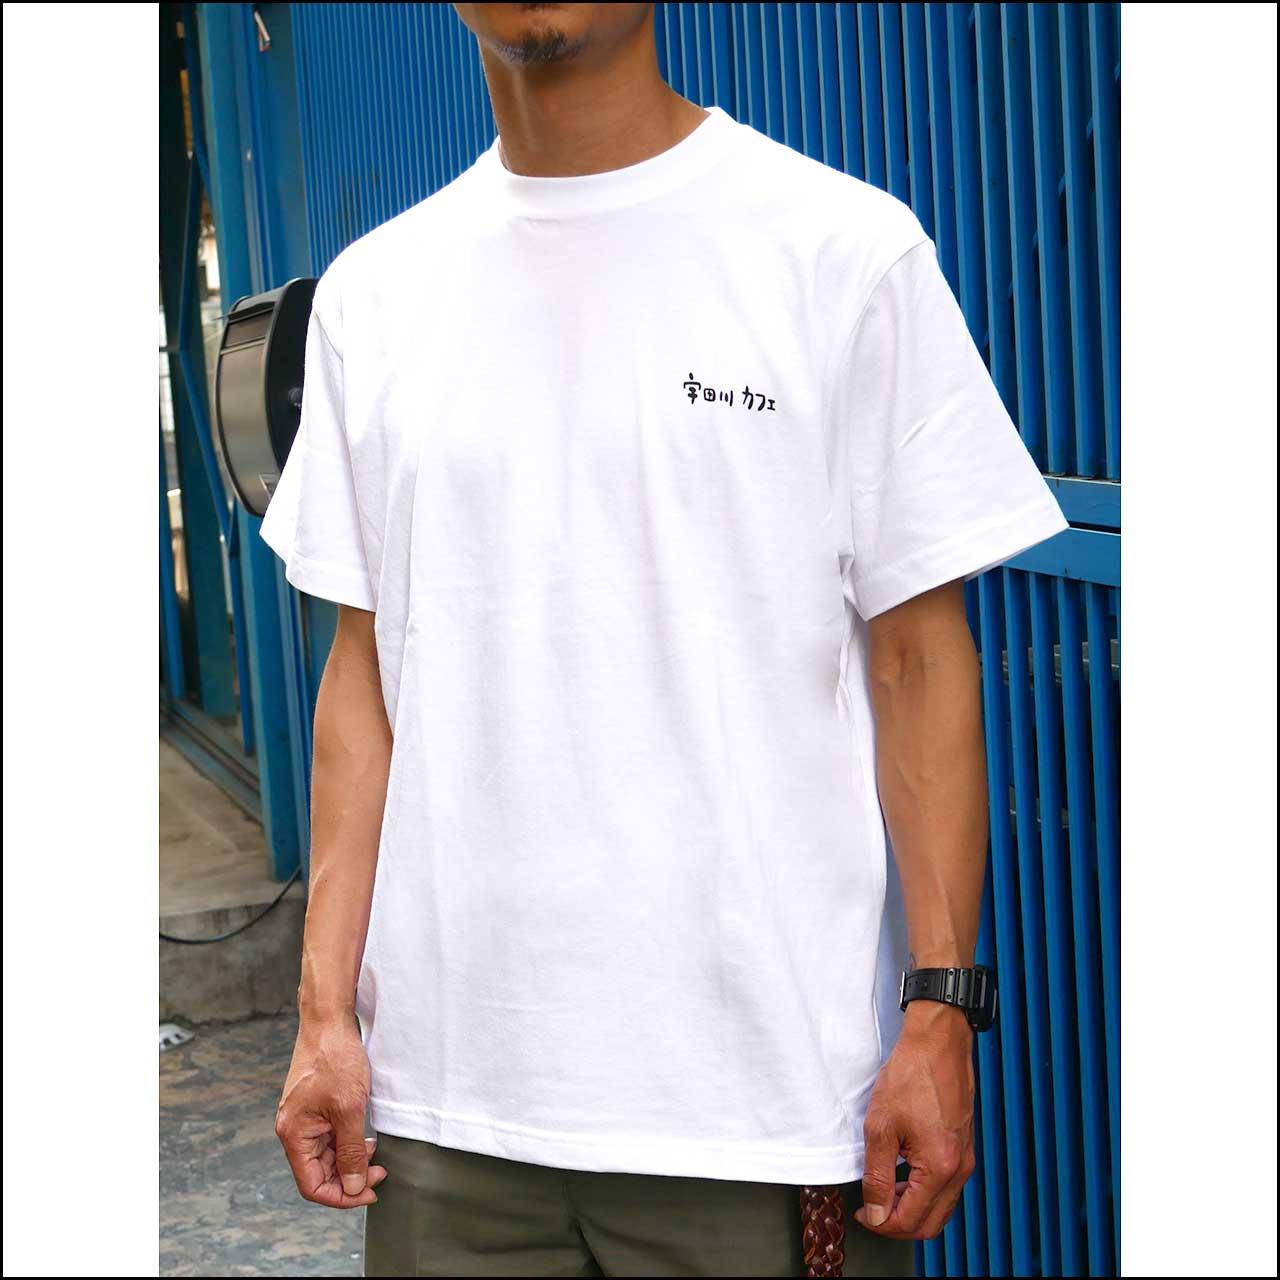 Shibuya Is My Town オリジナルTシャツ(バックプリント)